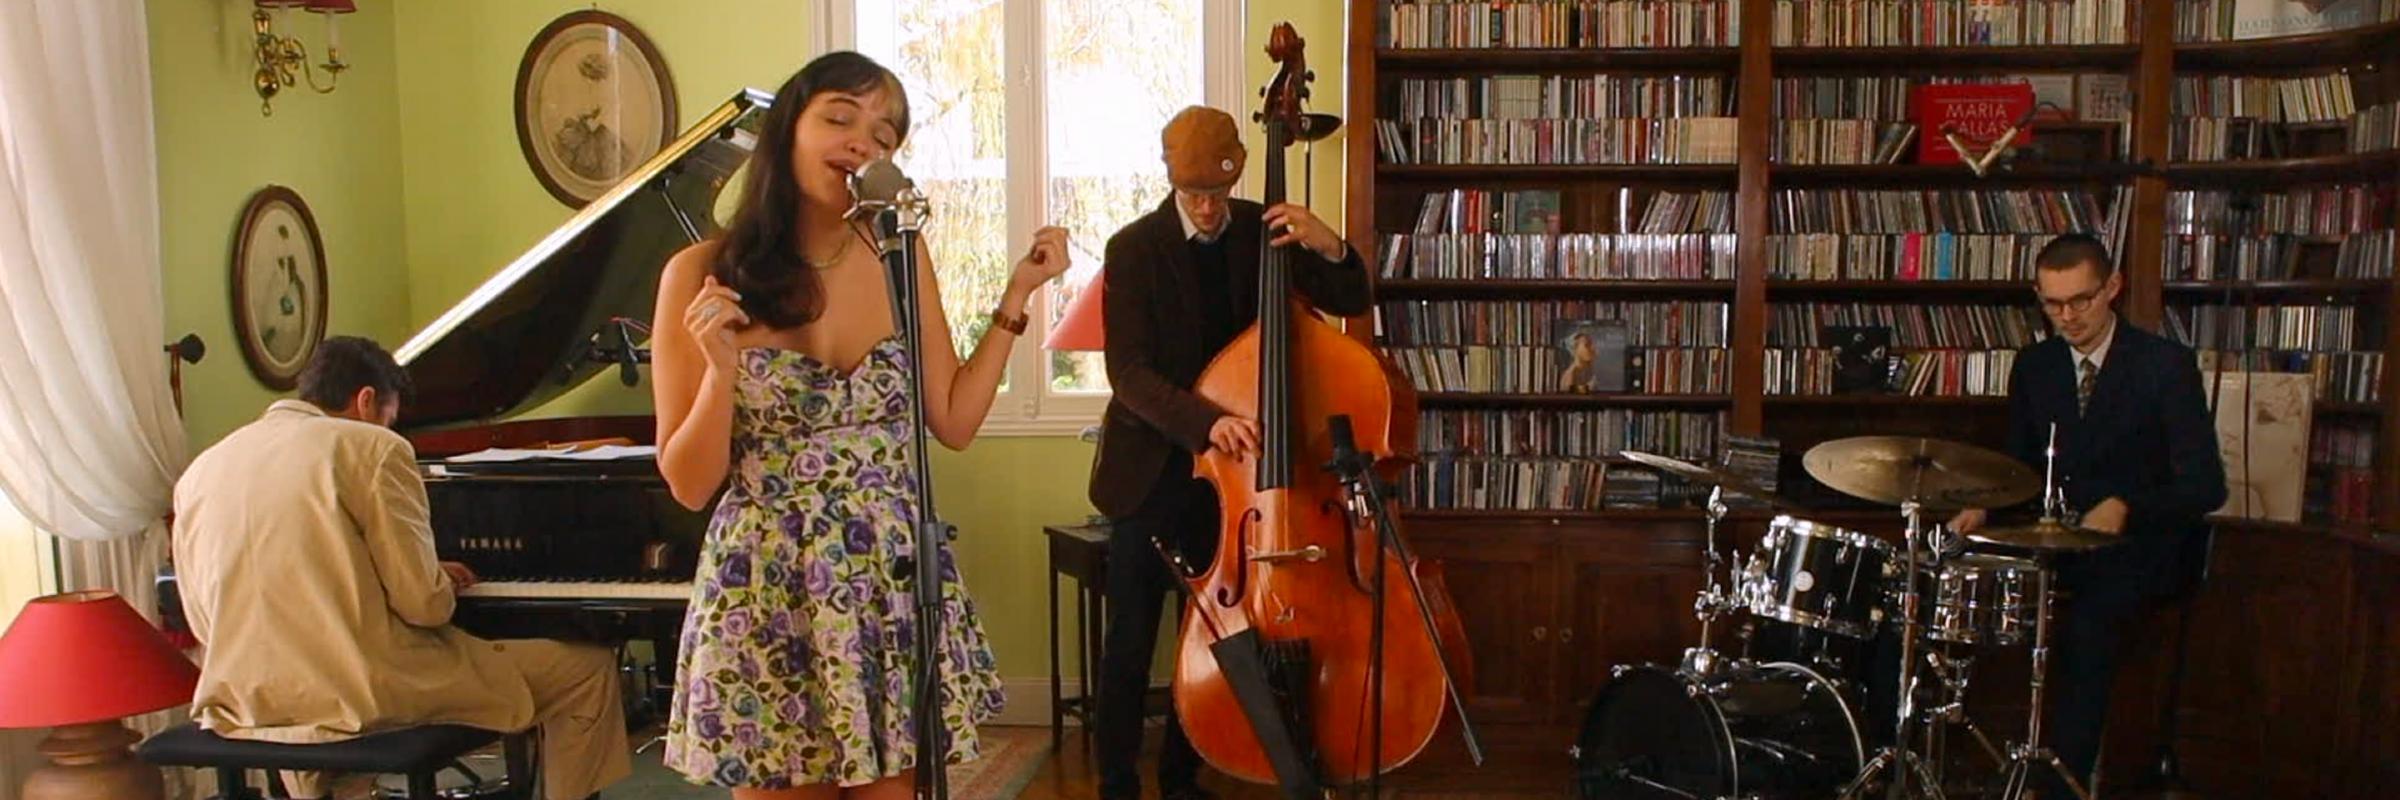 Elisa Lécuyer, groupe de musique Jazz en représentation à Paris - photo de couverture